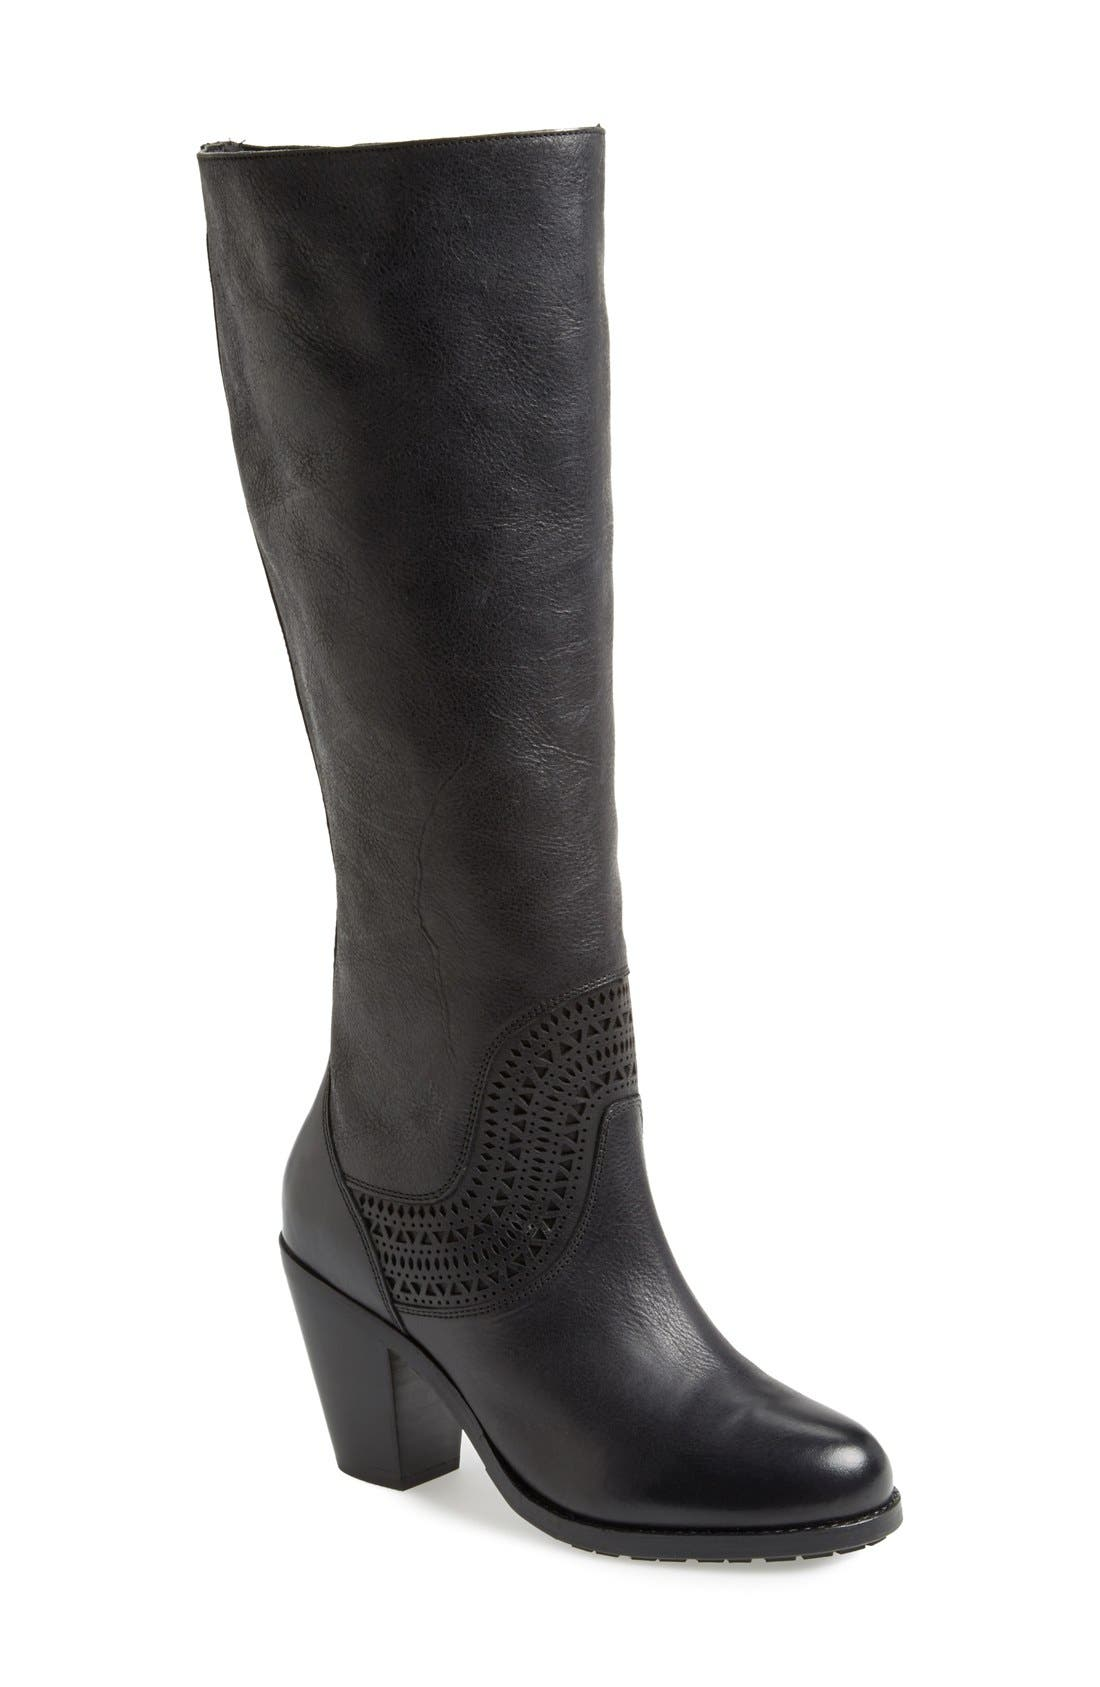 Main Image - Ariat 'Sundown' Tall Boot (Women)